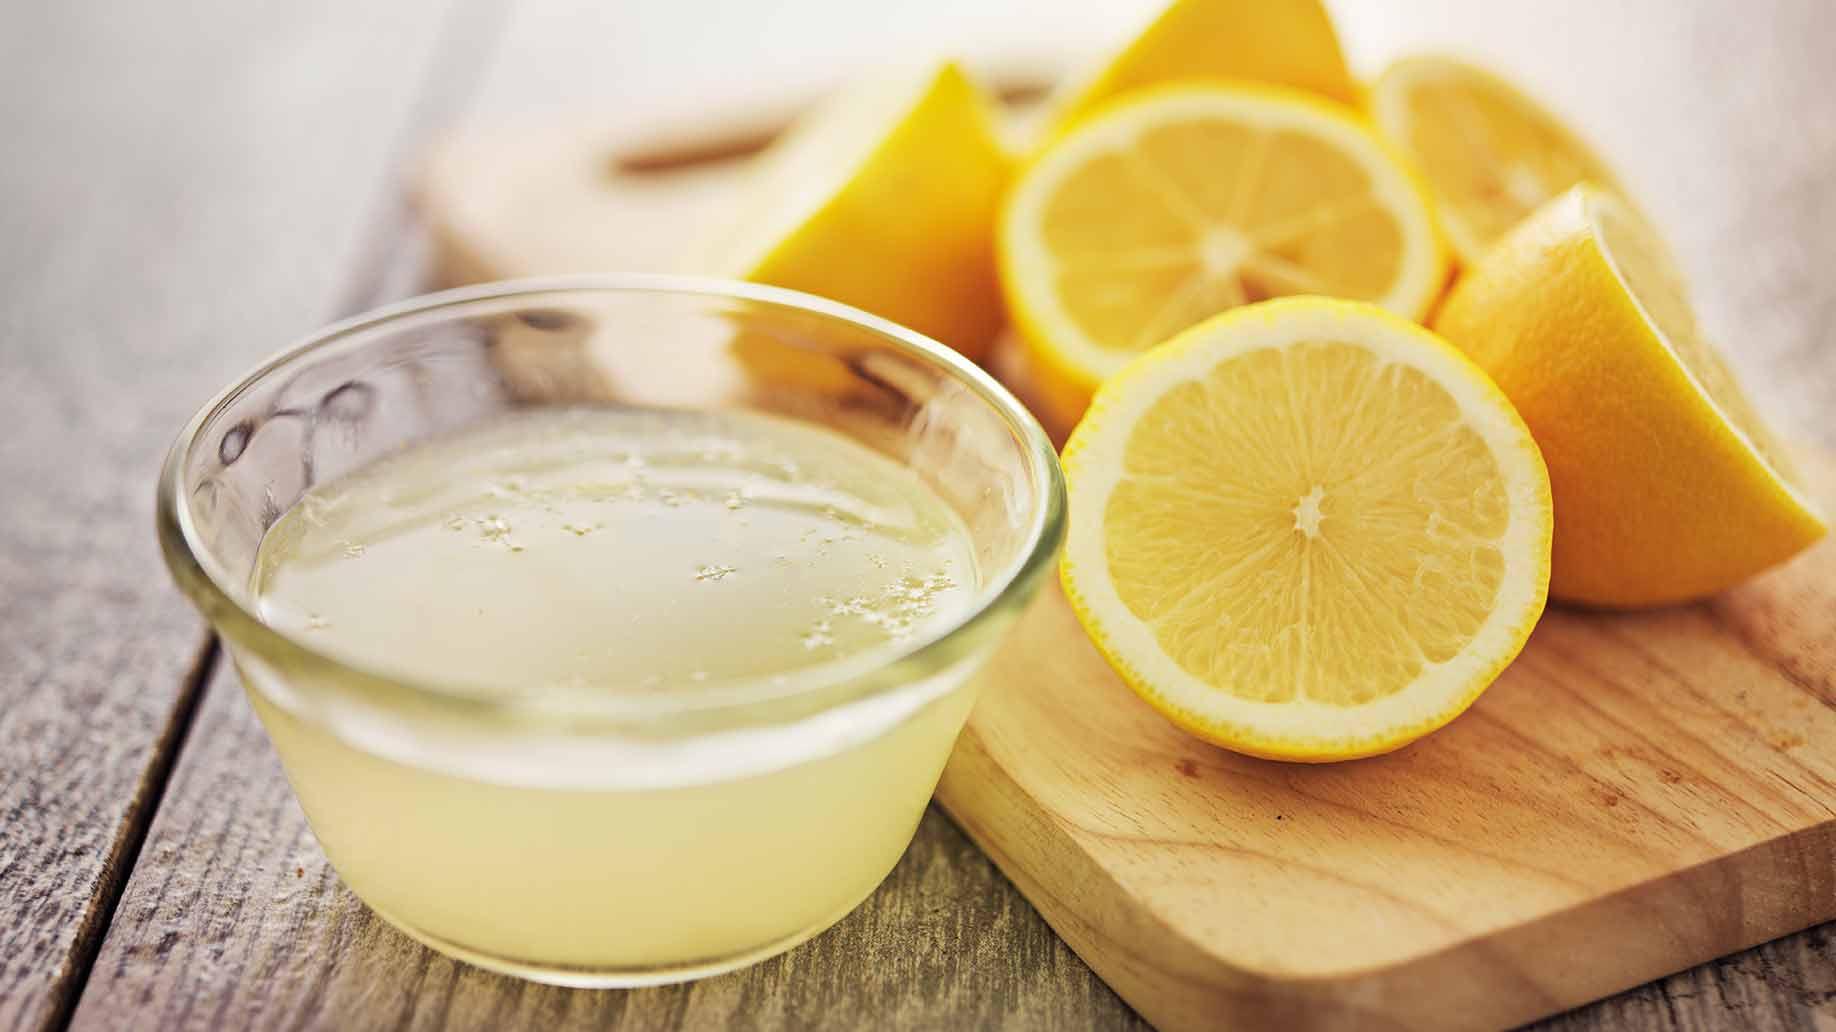 Zumo de limón y limones cortados